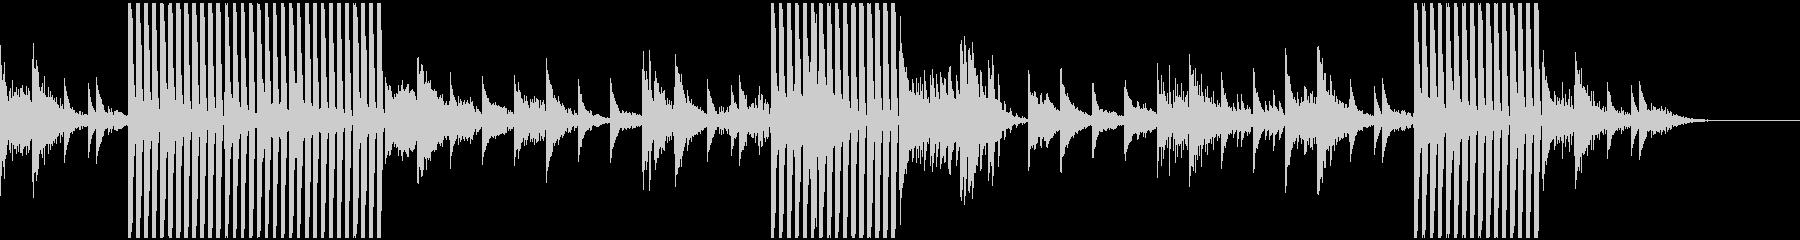 見えない力に導かれる様子のサウンドの未再生の波形